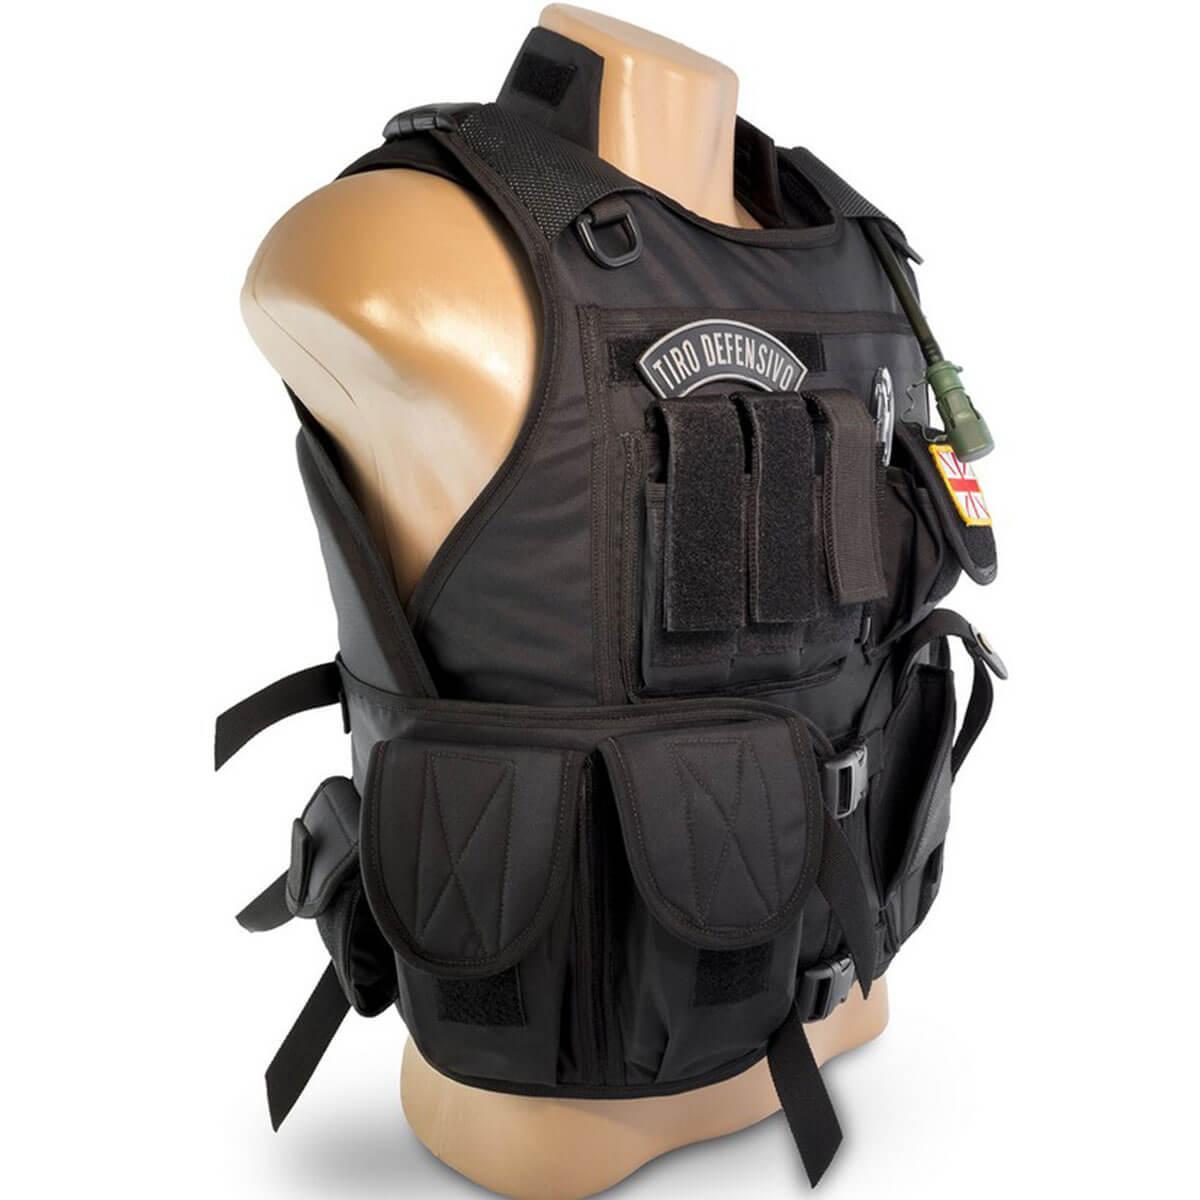 Colete Tático Modular Policial Preto Leão Modelismo